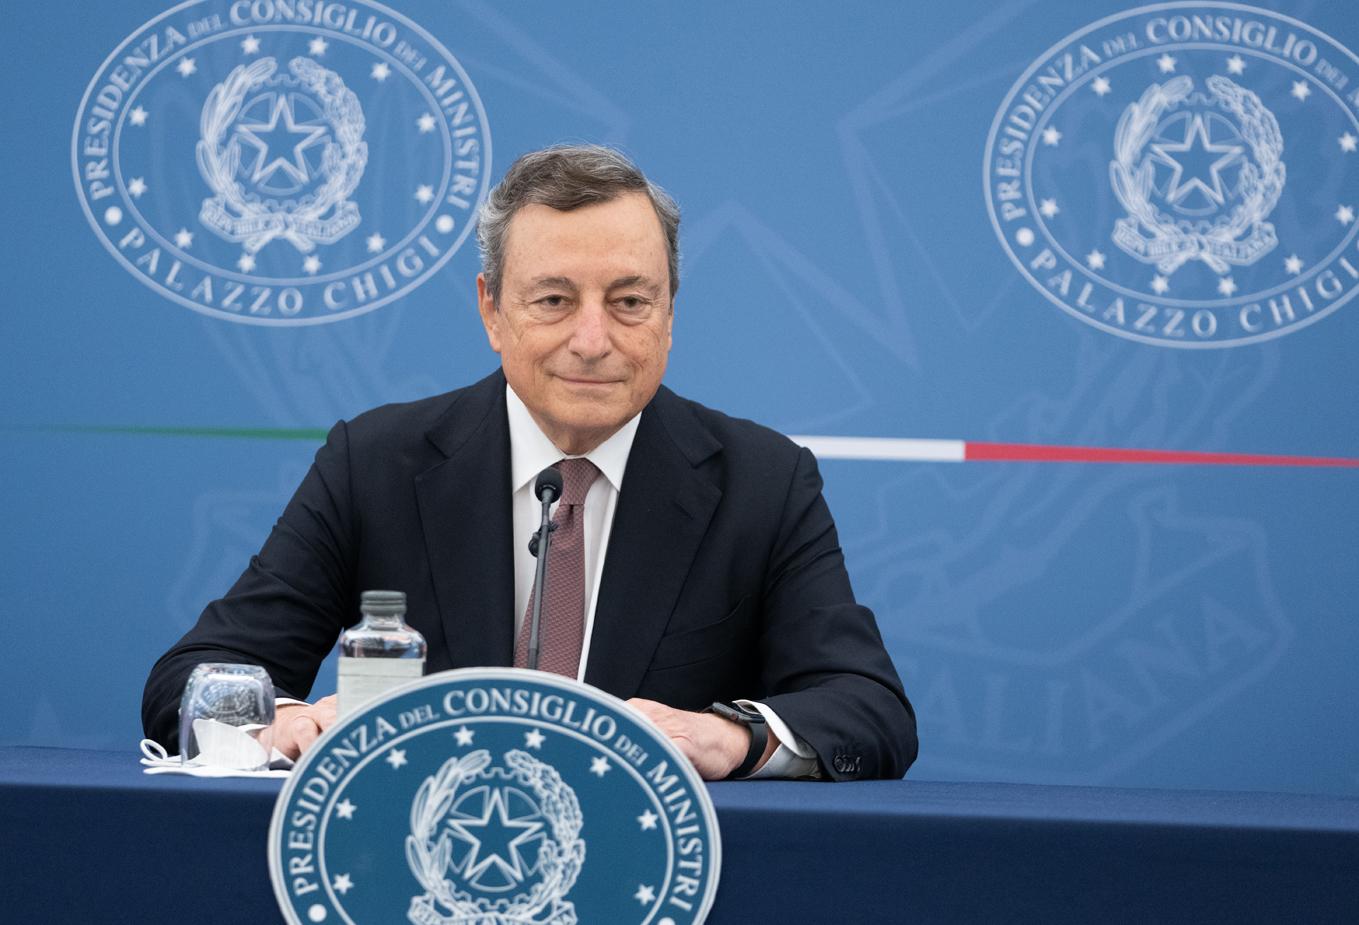 Conferenza Stampa Mario Draghi 2 settembre 2021